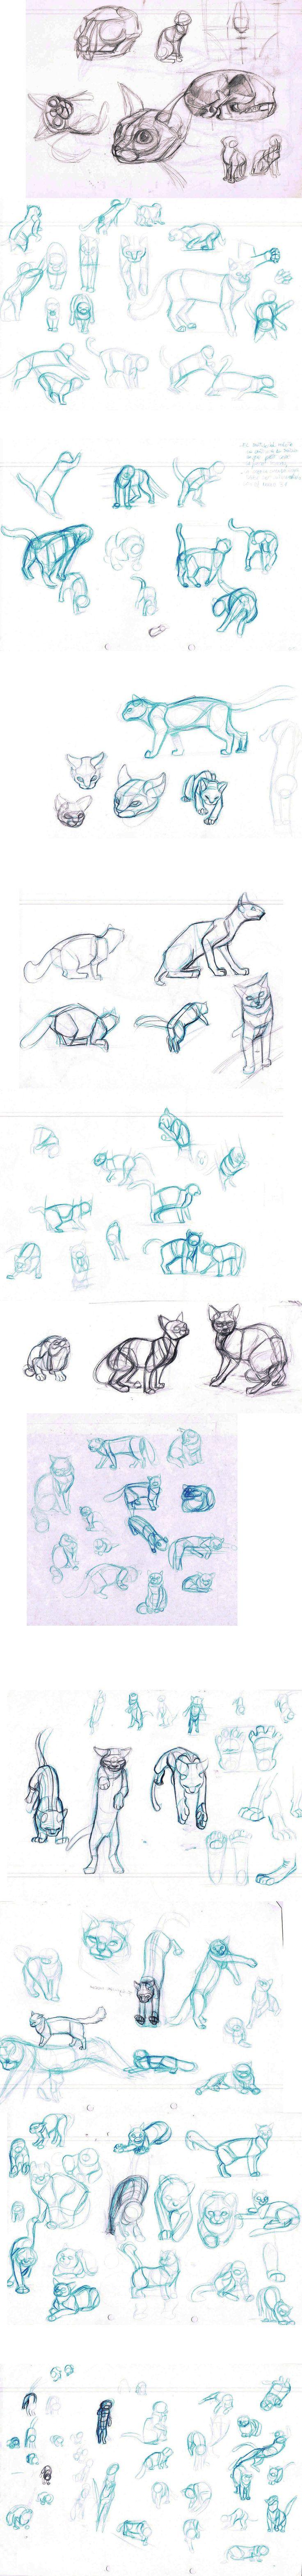 cat sketches by sofmer.deviantart.com on @deviantART